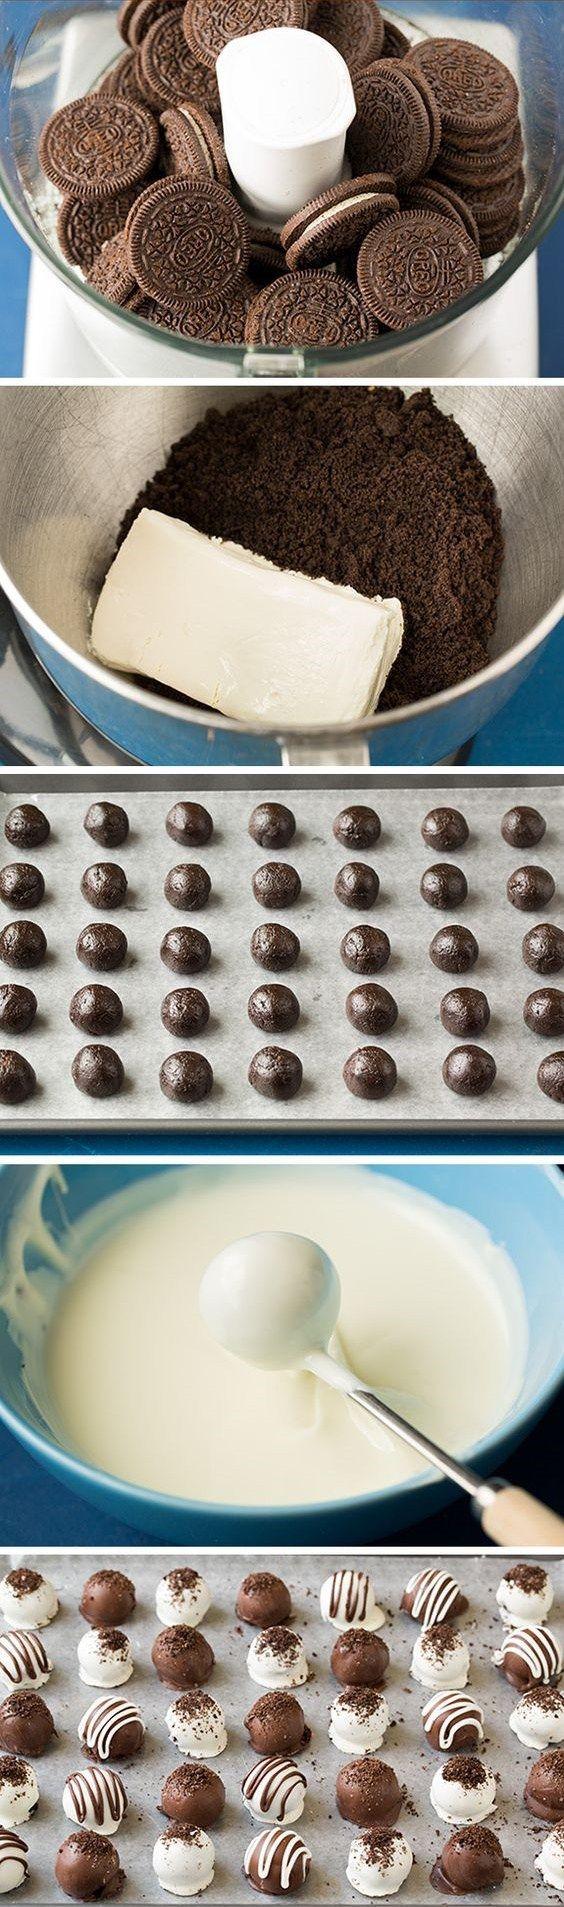 Hoy te traigo cinco recetas de trufas de las mejores! De chocolate, frutilla, coco, Oreos, Red Velvet… Imposible resistirse a estas exquisiteses! Las trufas, bocaditos, popcakes o como estés …